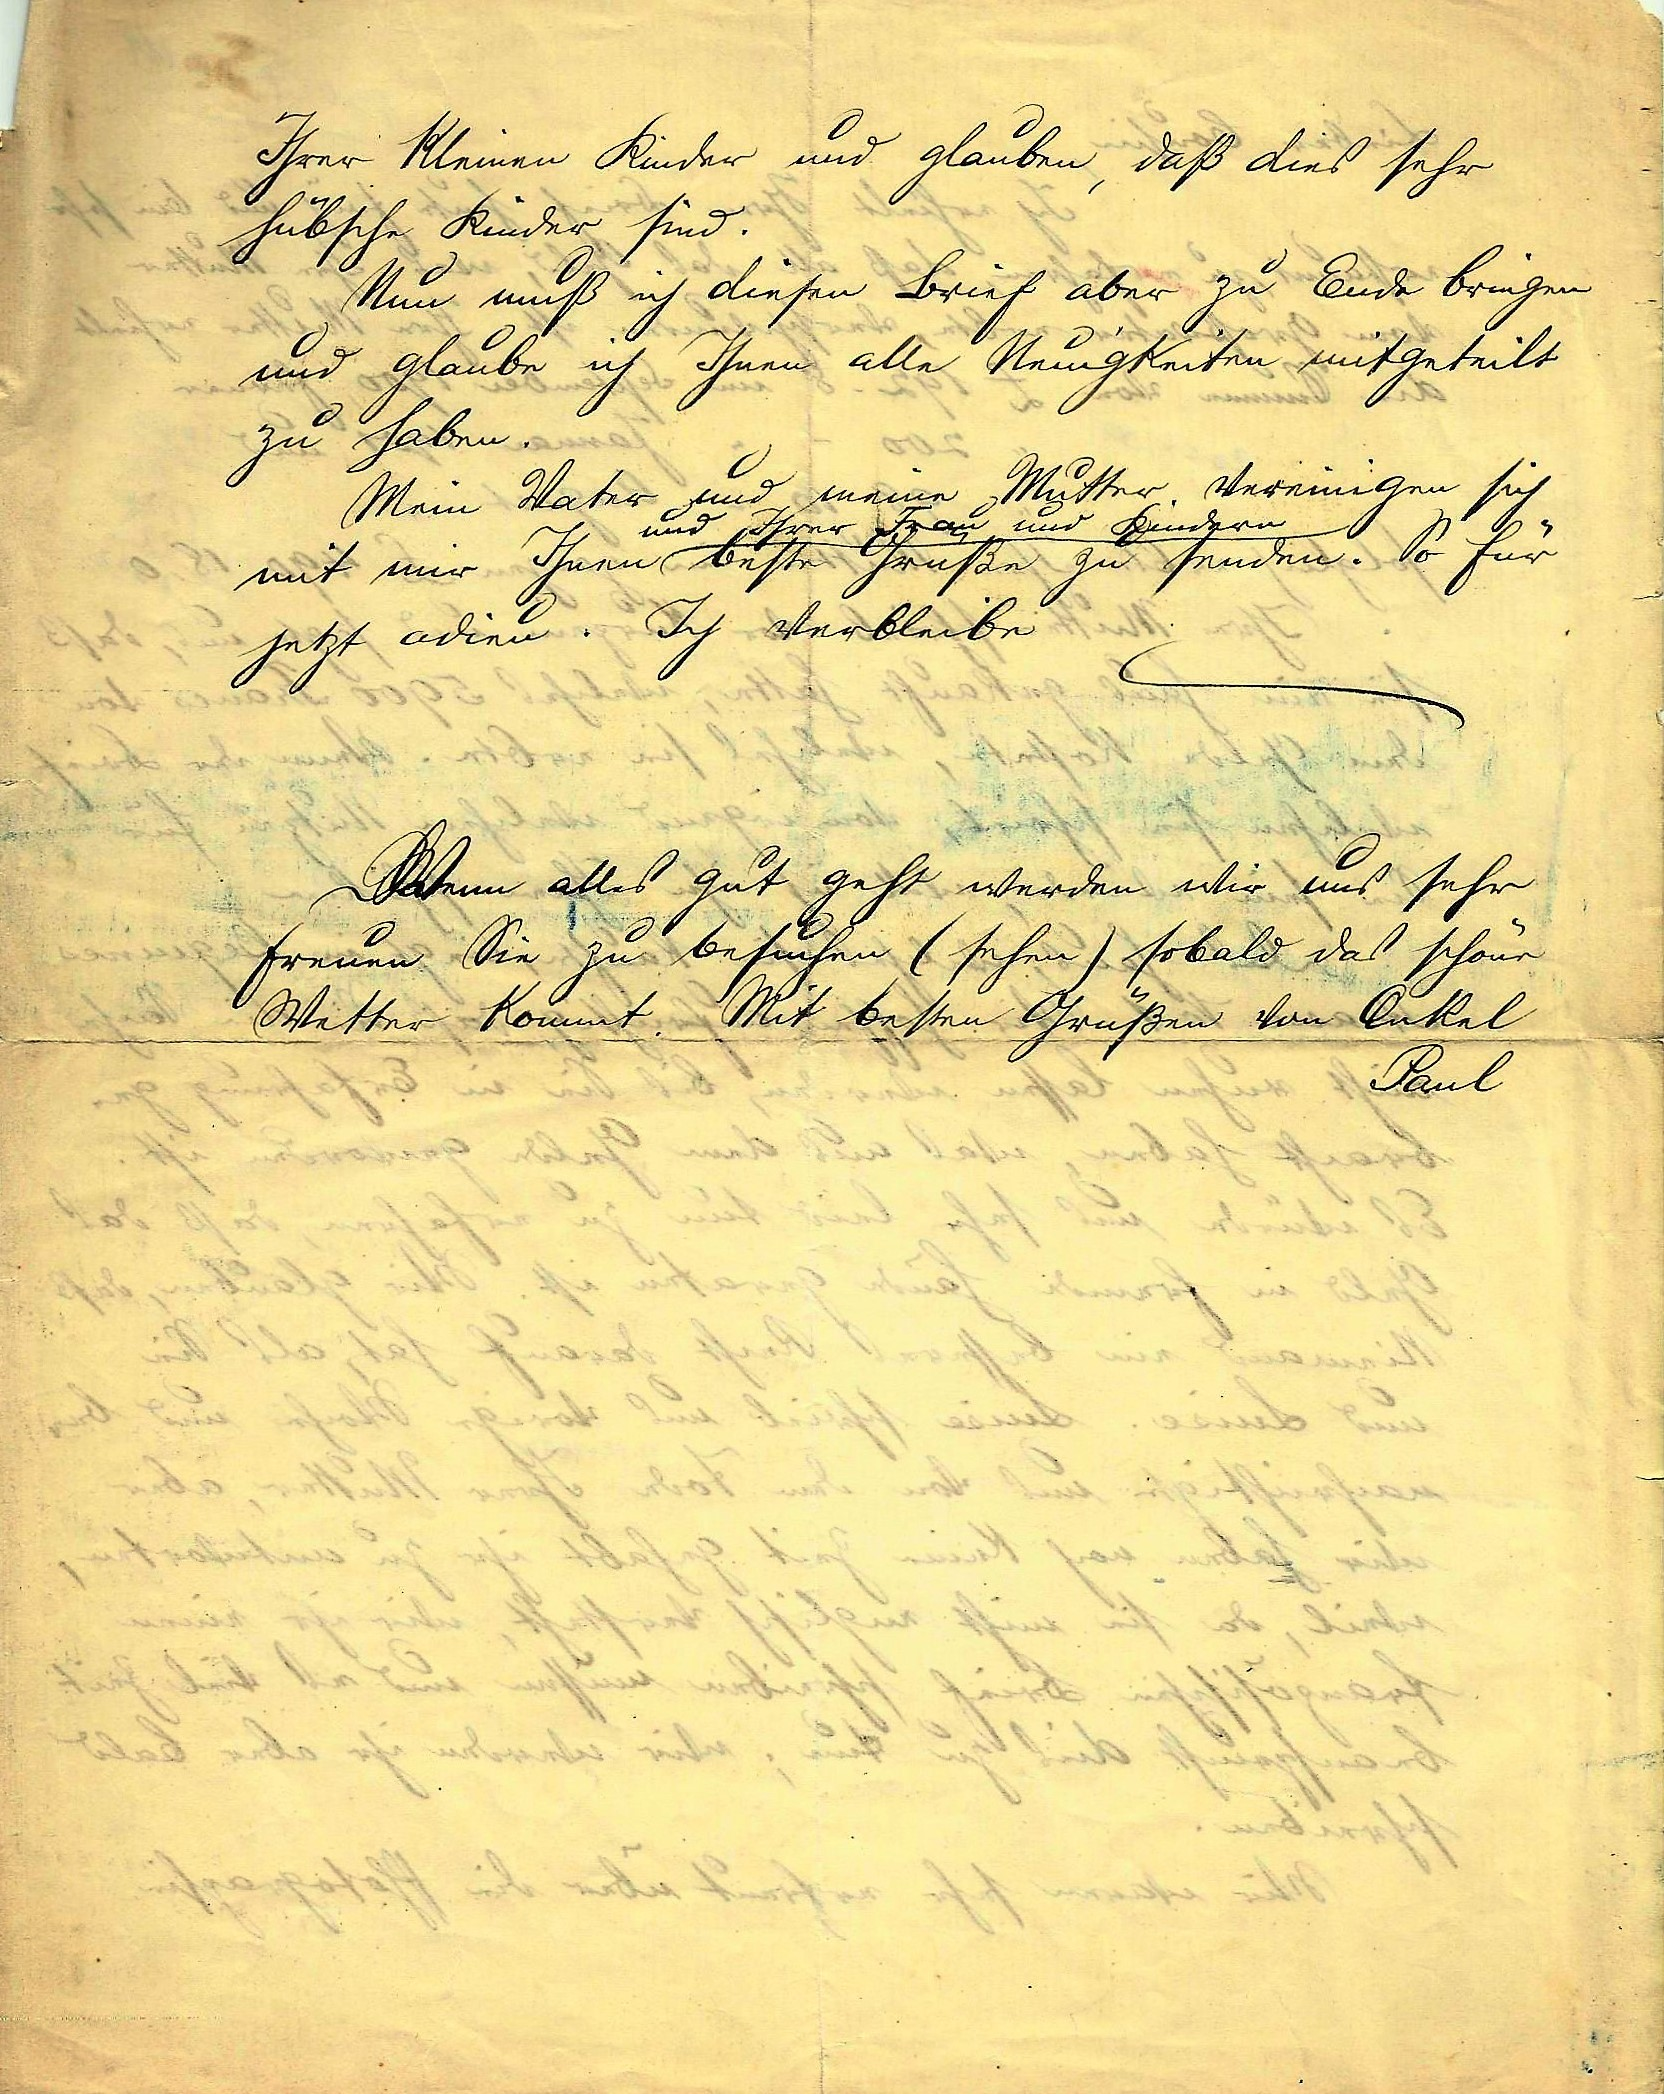 verabschiedung englischer brief